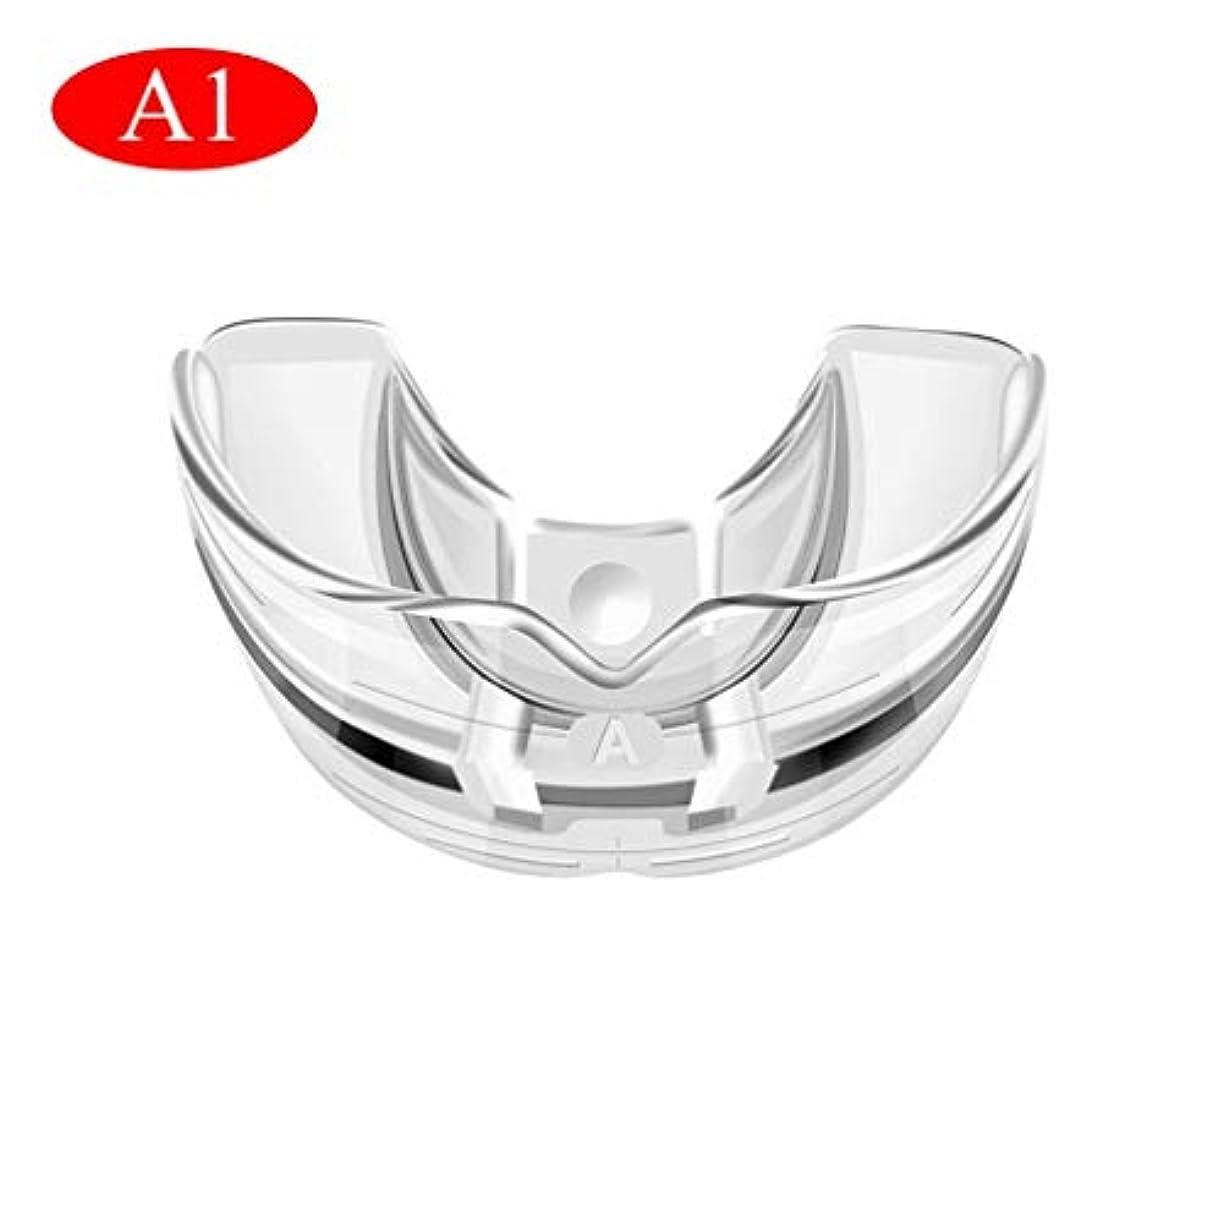 スクリーチ工業用遺産歯列矯正器具、歯の状態に応じた3段階/透明で柔らかい、そして硬い歯科用マウスガード歯列矯正器具(透明)